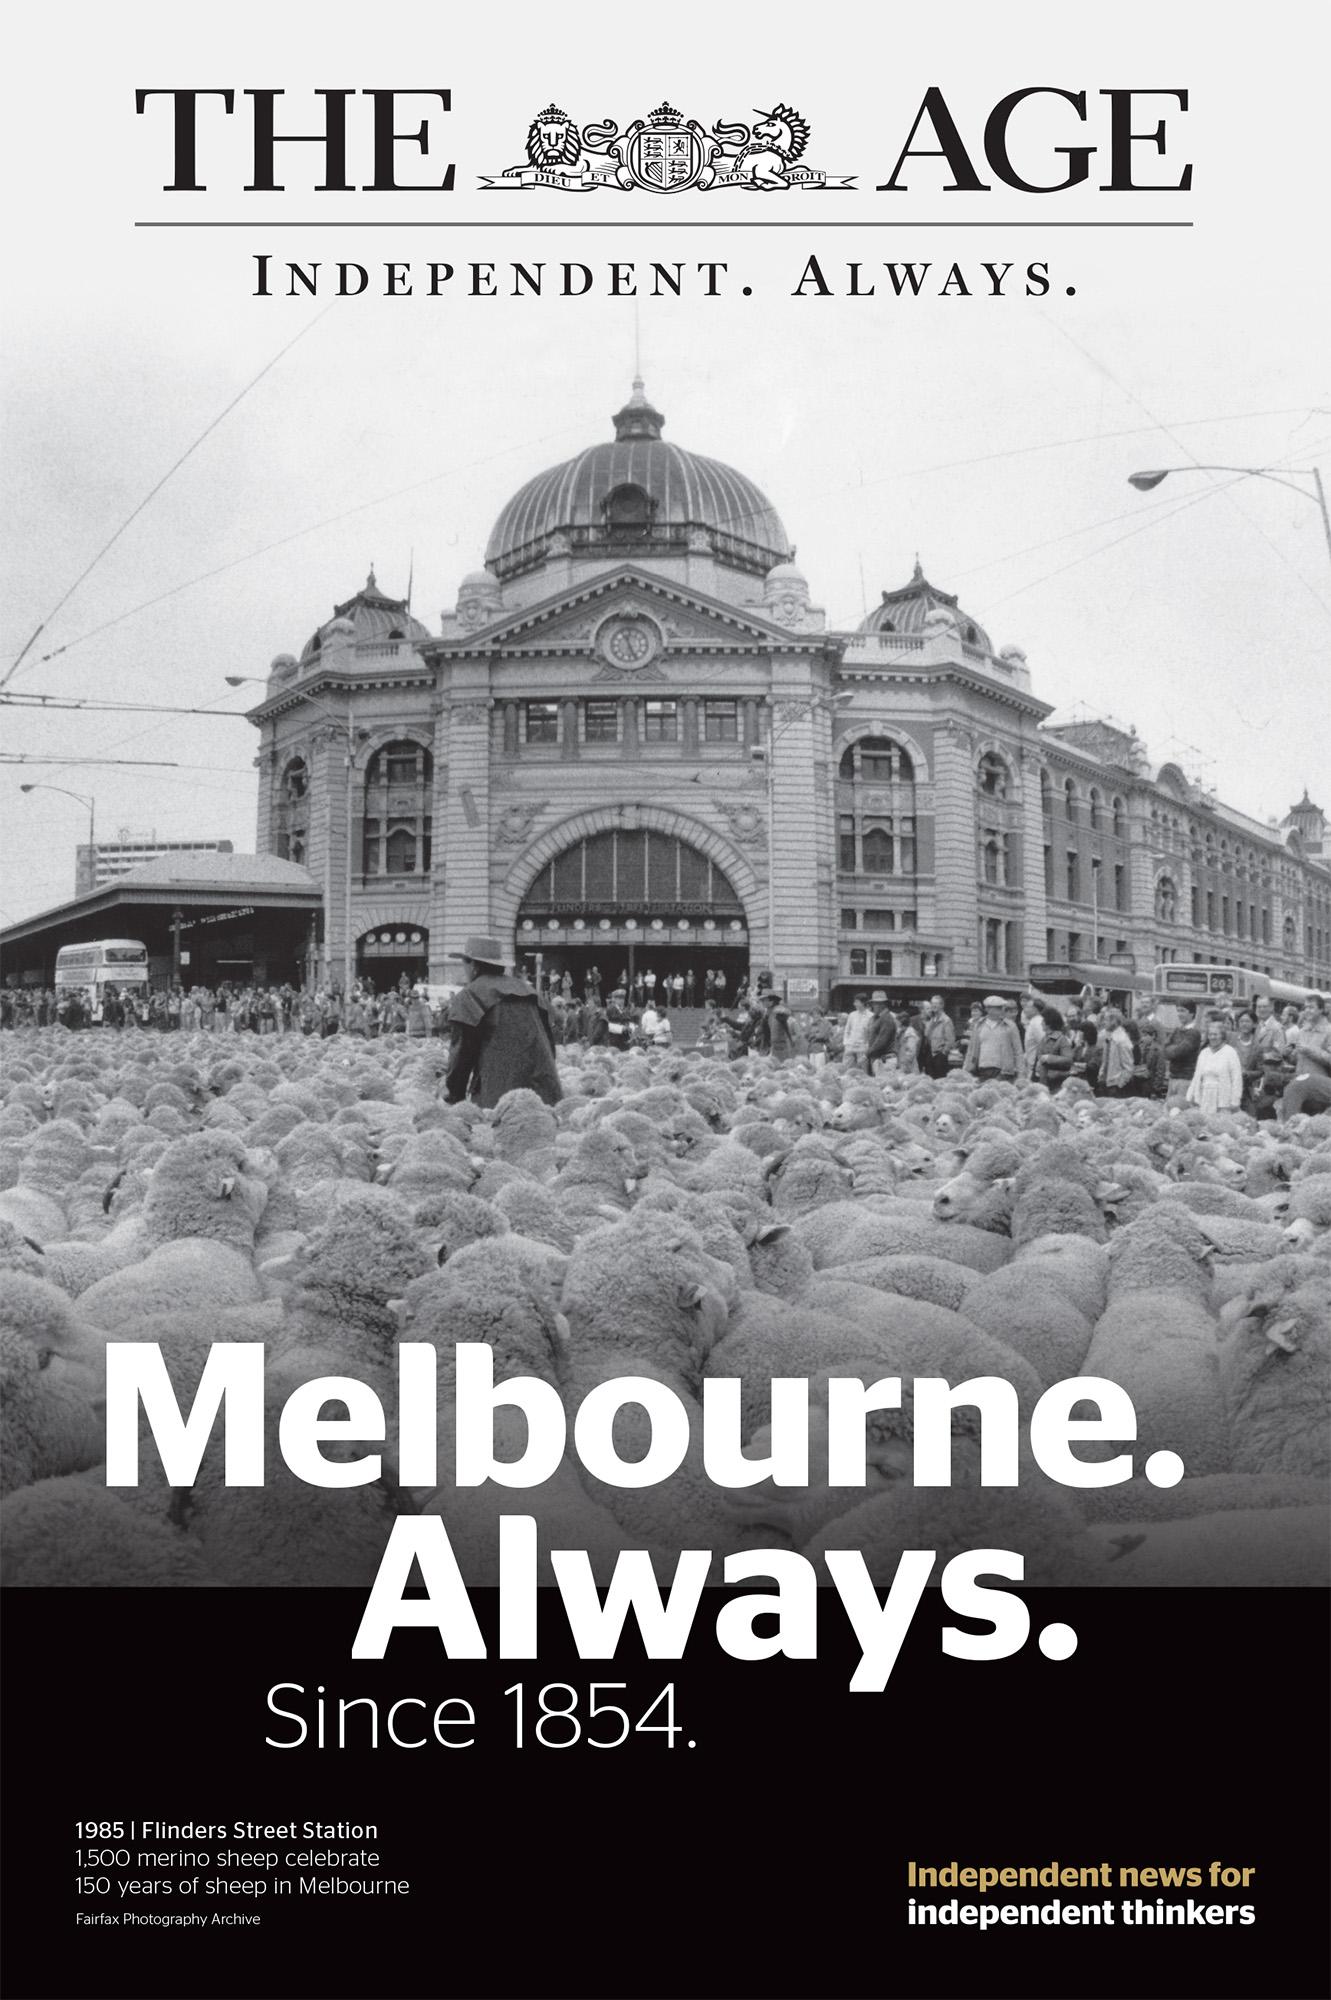 Fairfax_Always_Melbourne_Flinders Sheep